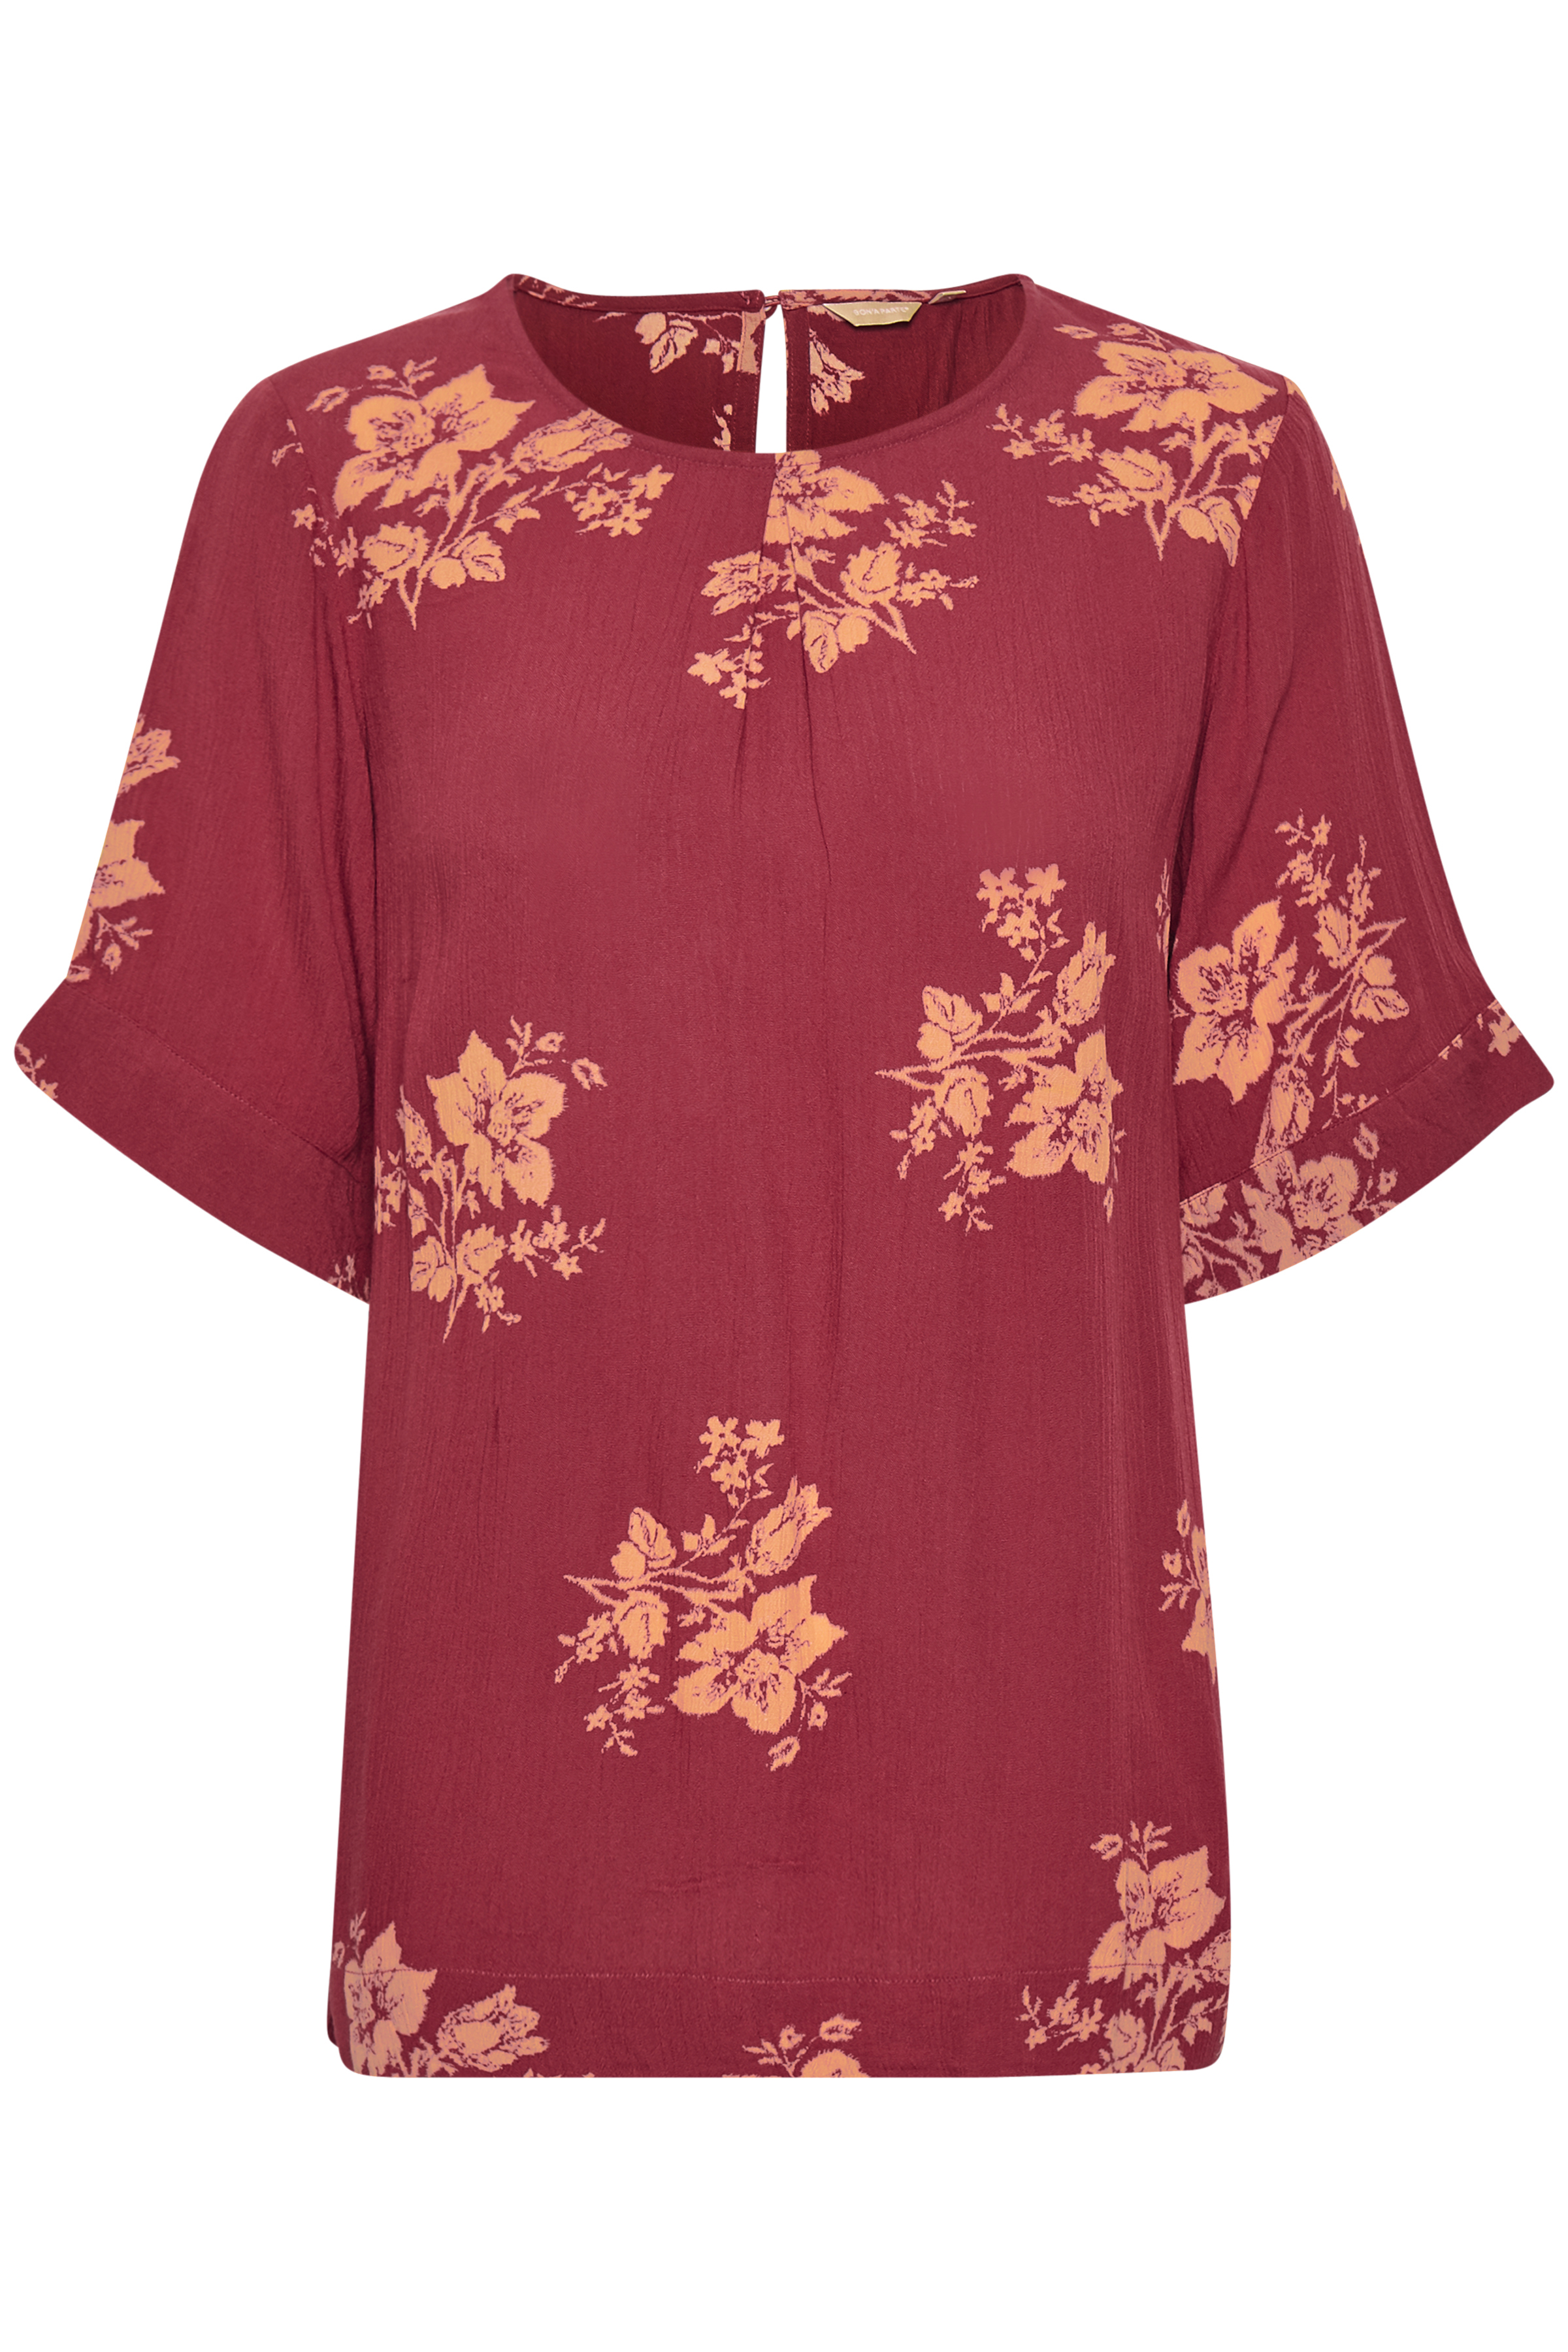 Dunkelrosa/orange Bluse  von Bon'A Parte – Shoppen SieDunkelrosa/orange Bluse  ab Gr. S-2XL hier